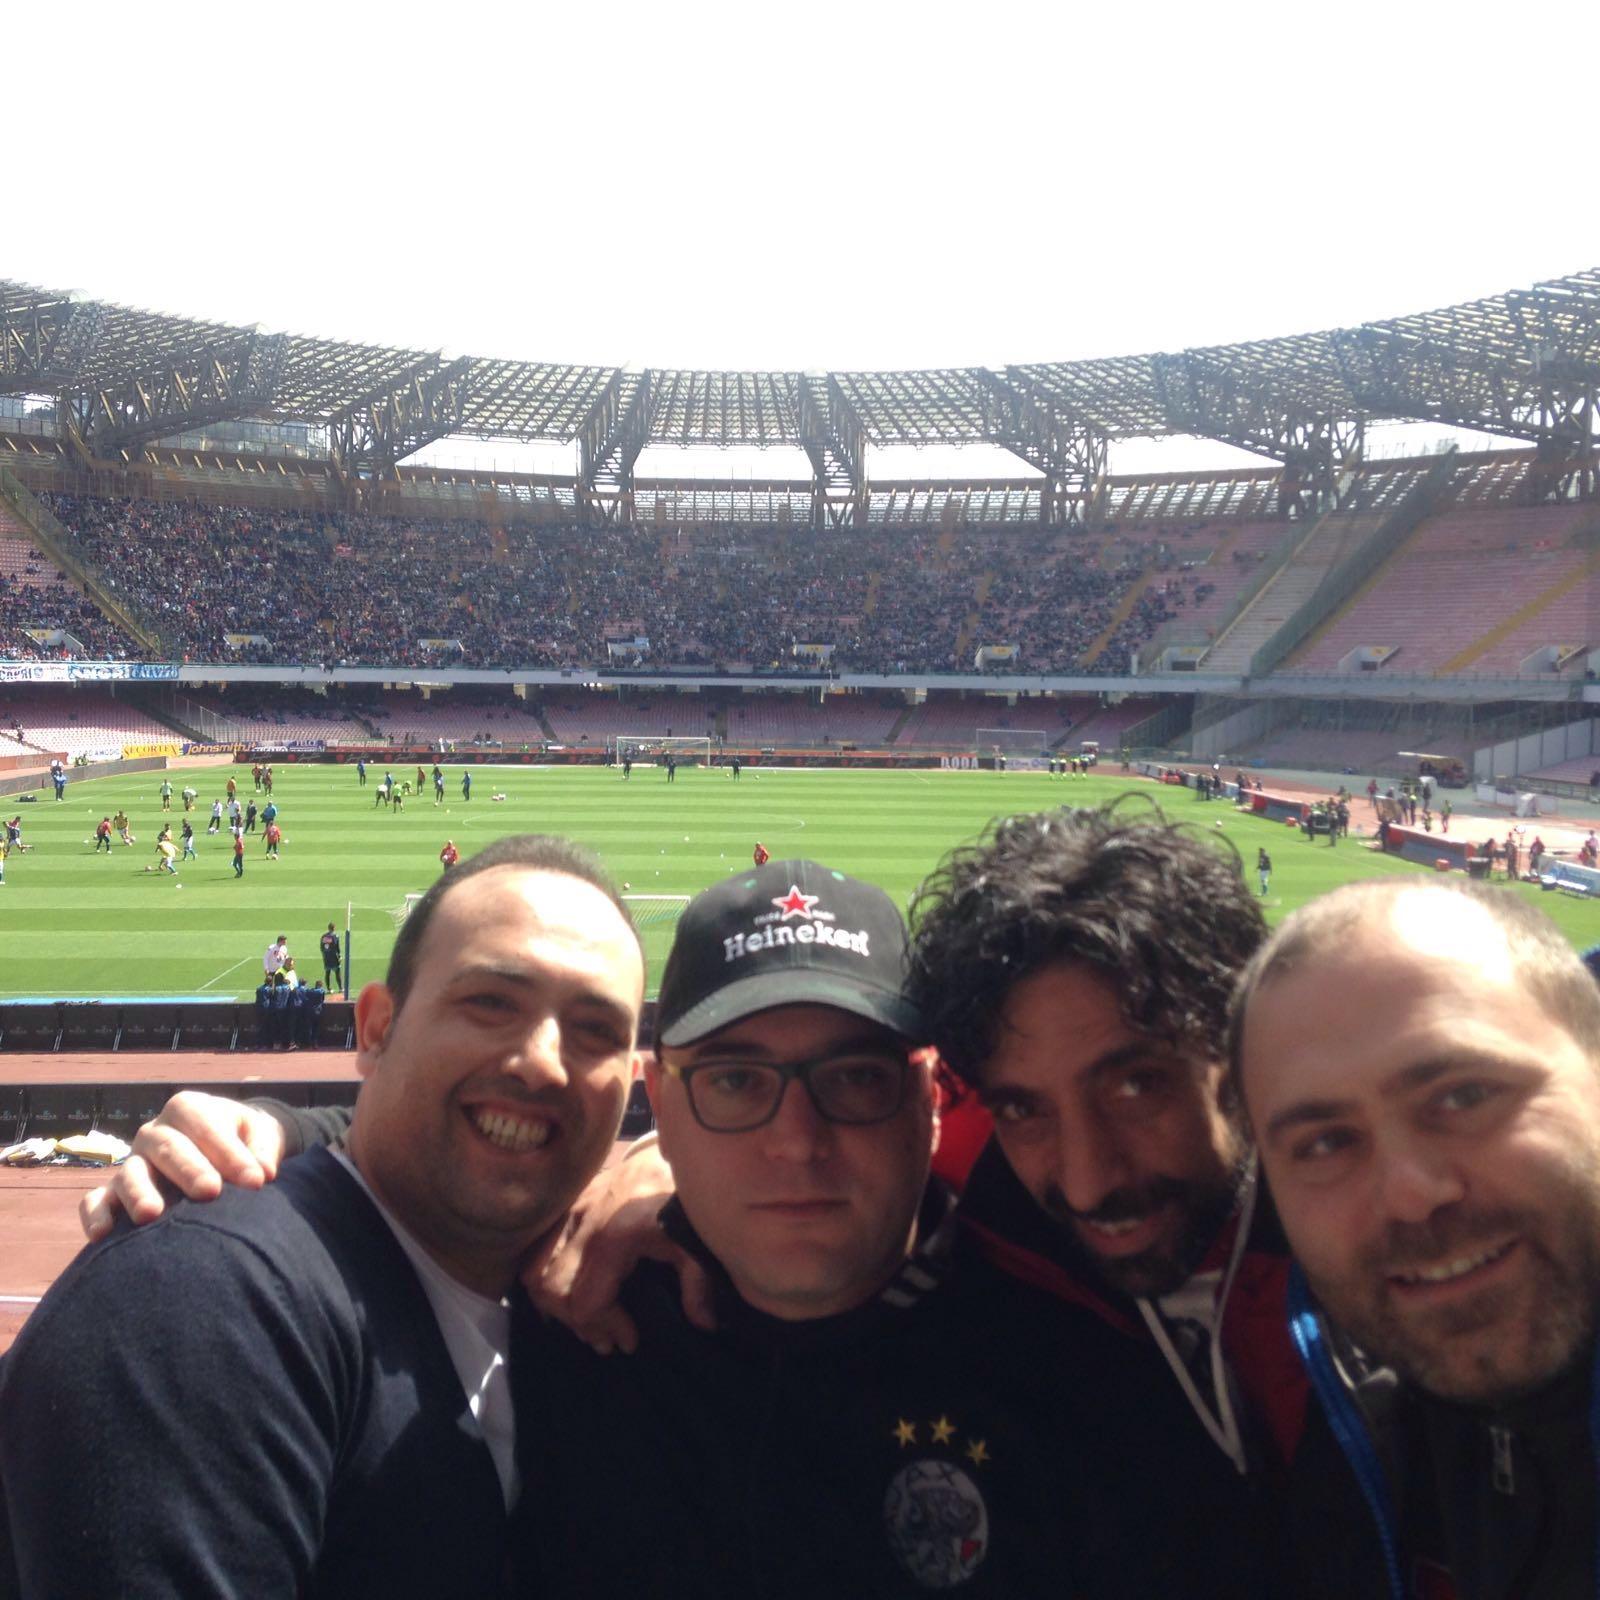 Da Striano al San Paolo per tifare Napoli: tifosi in posa